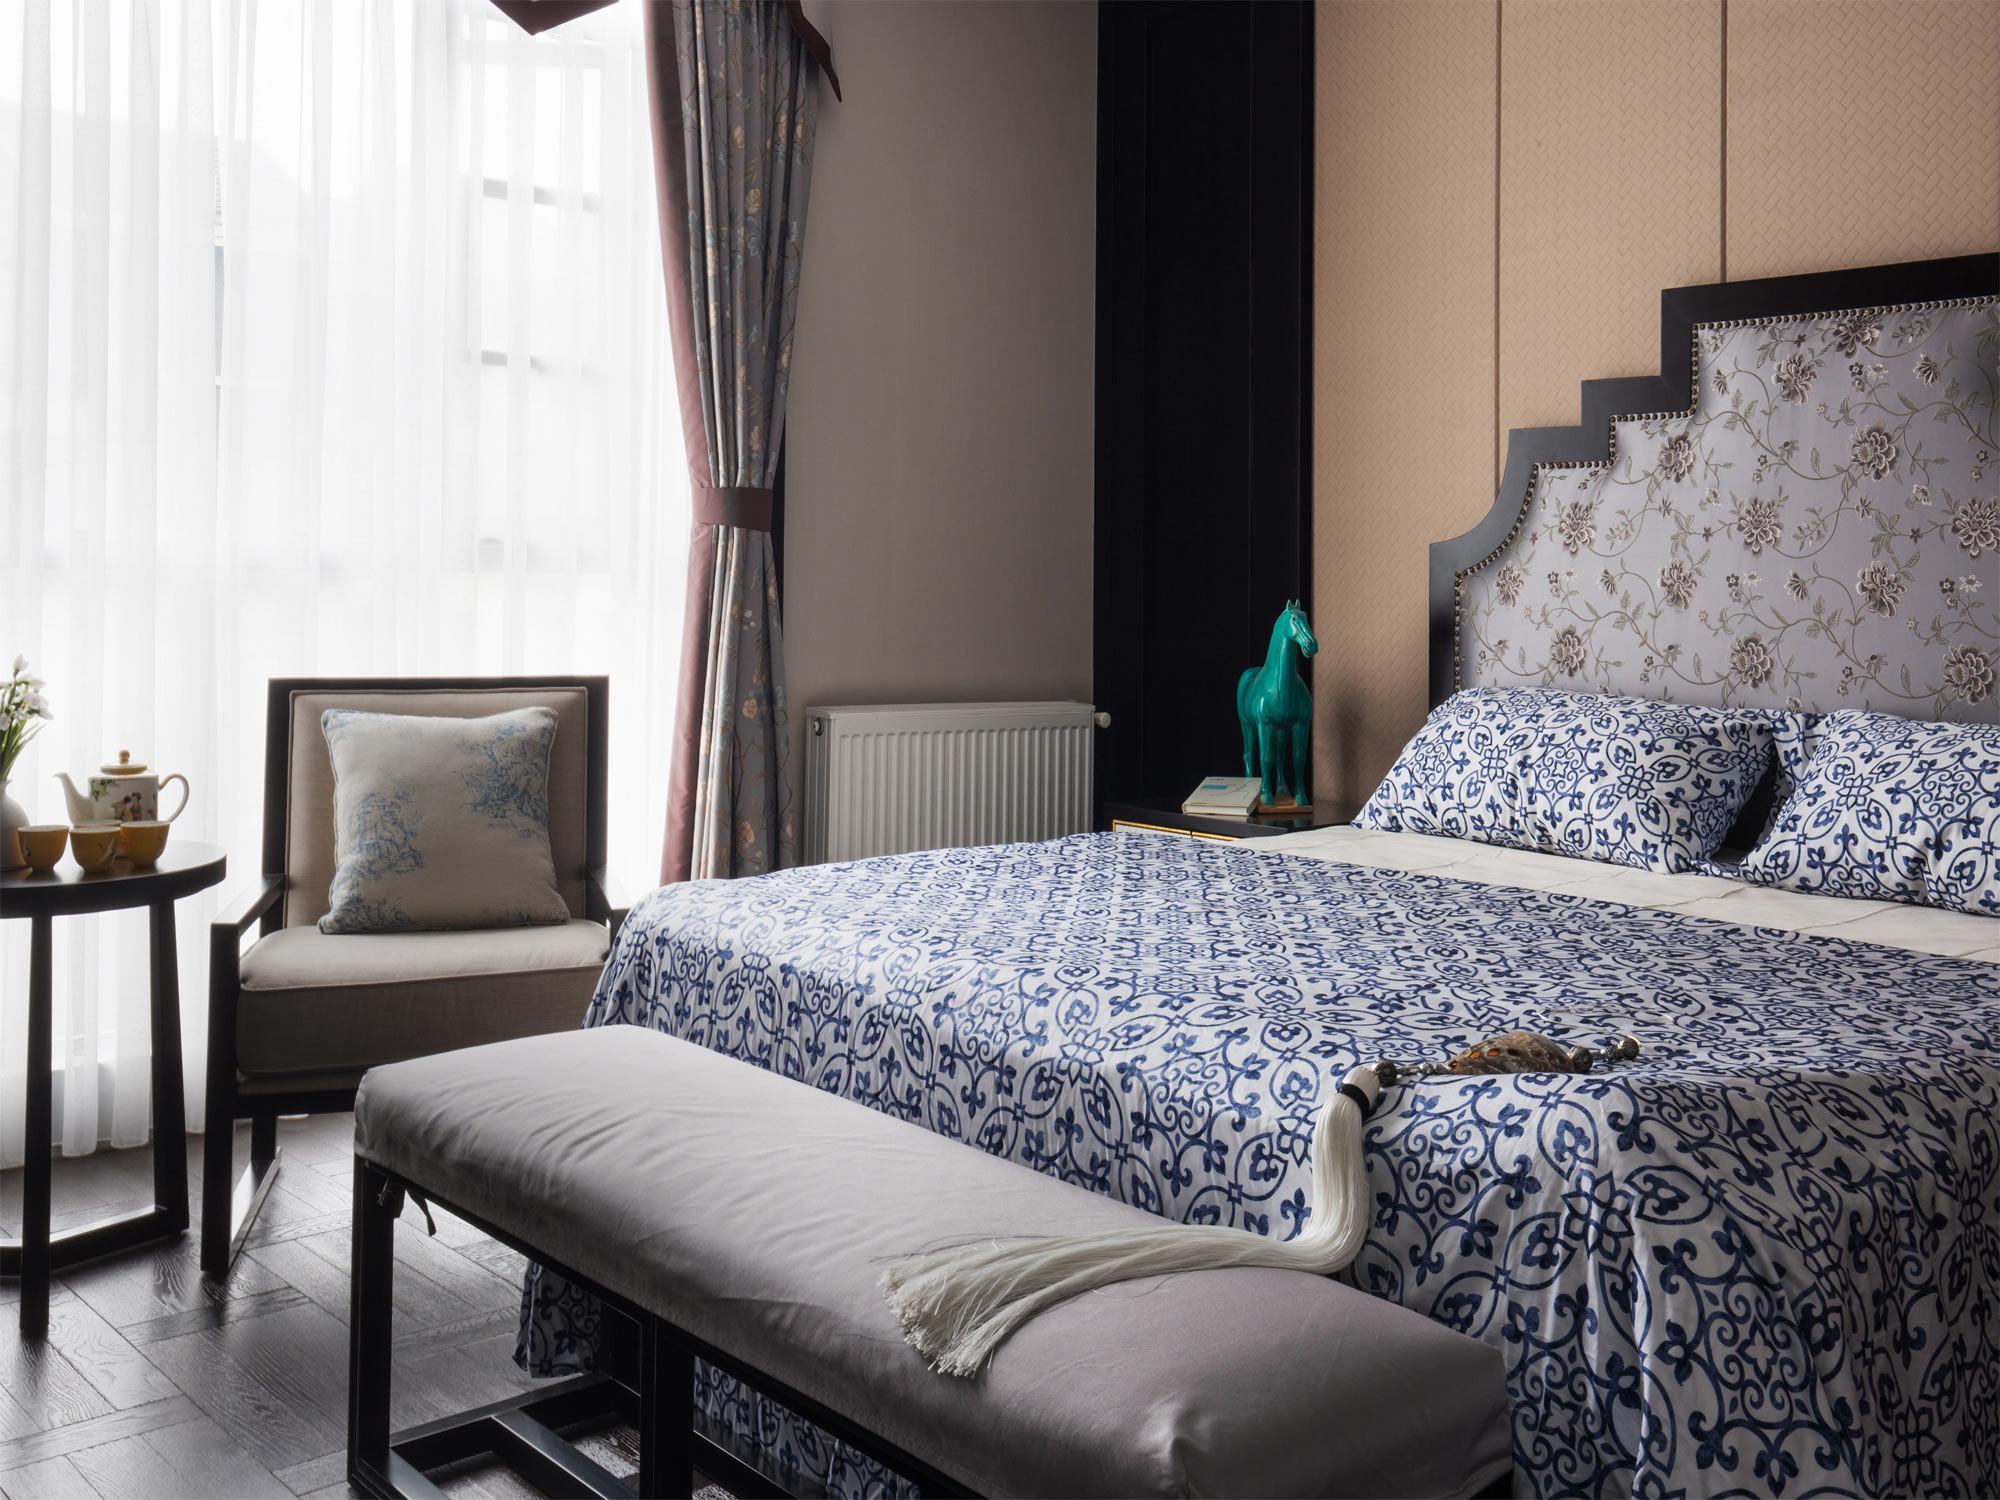 中式别墅装修床尾凳图片